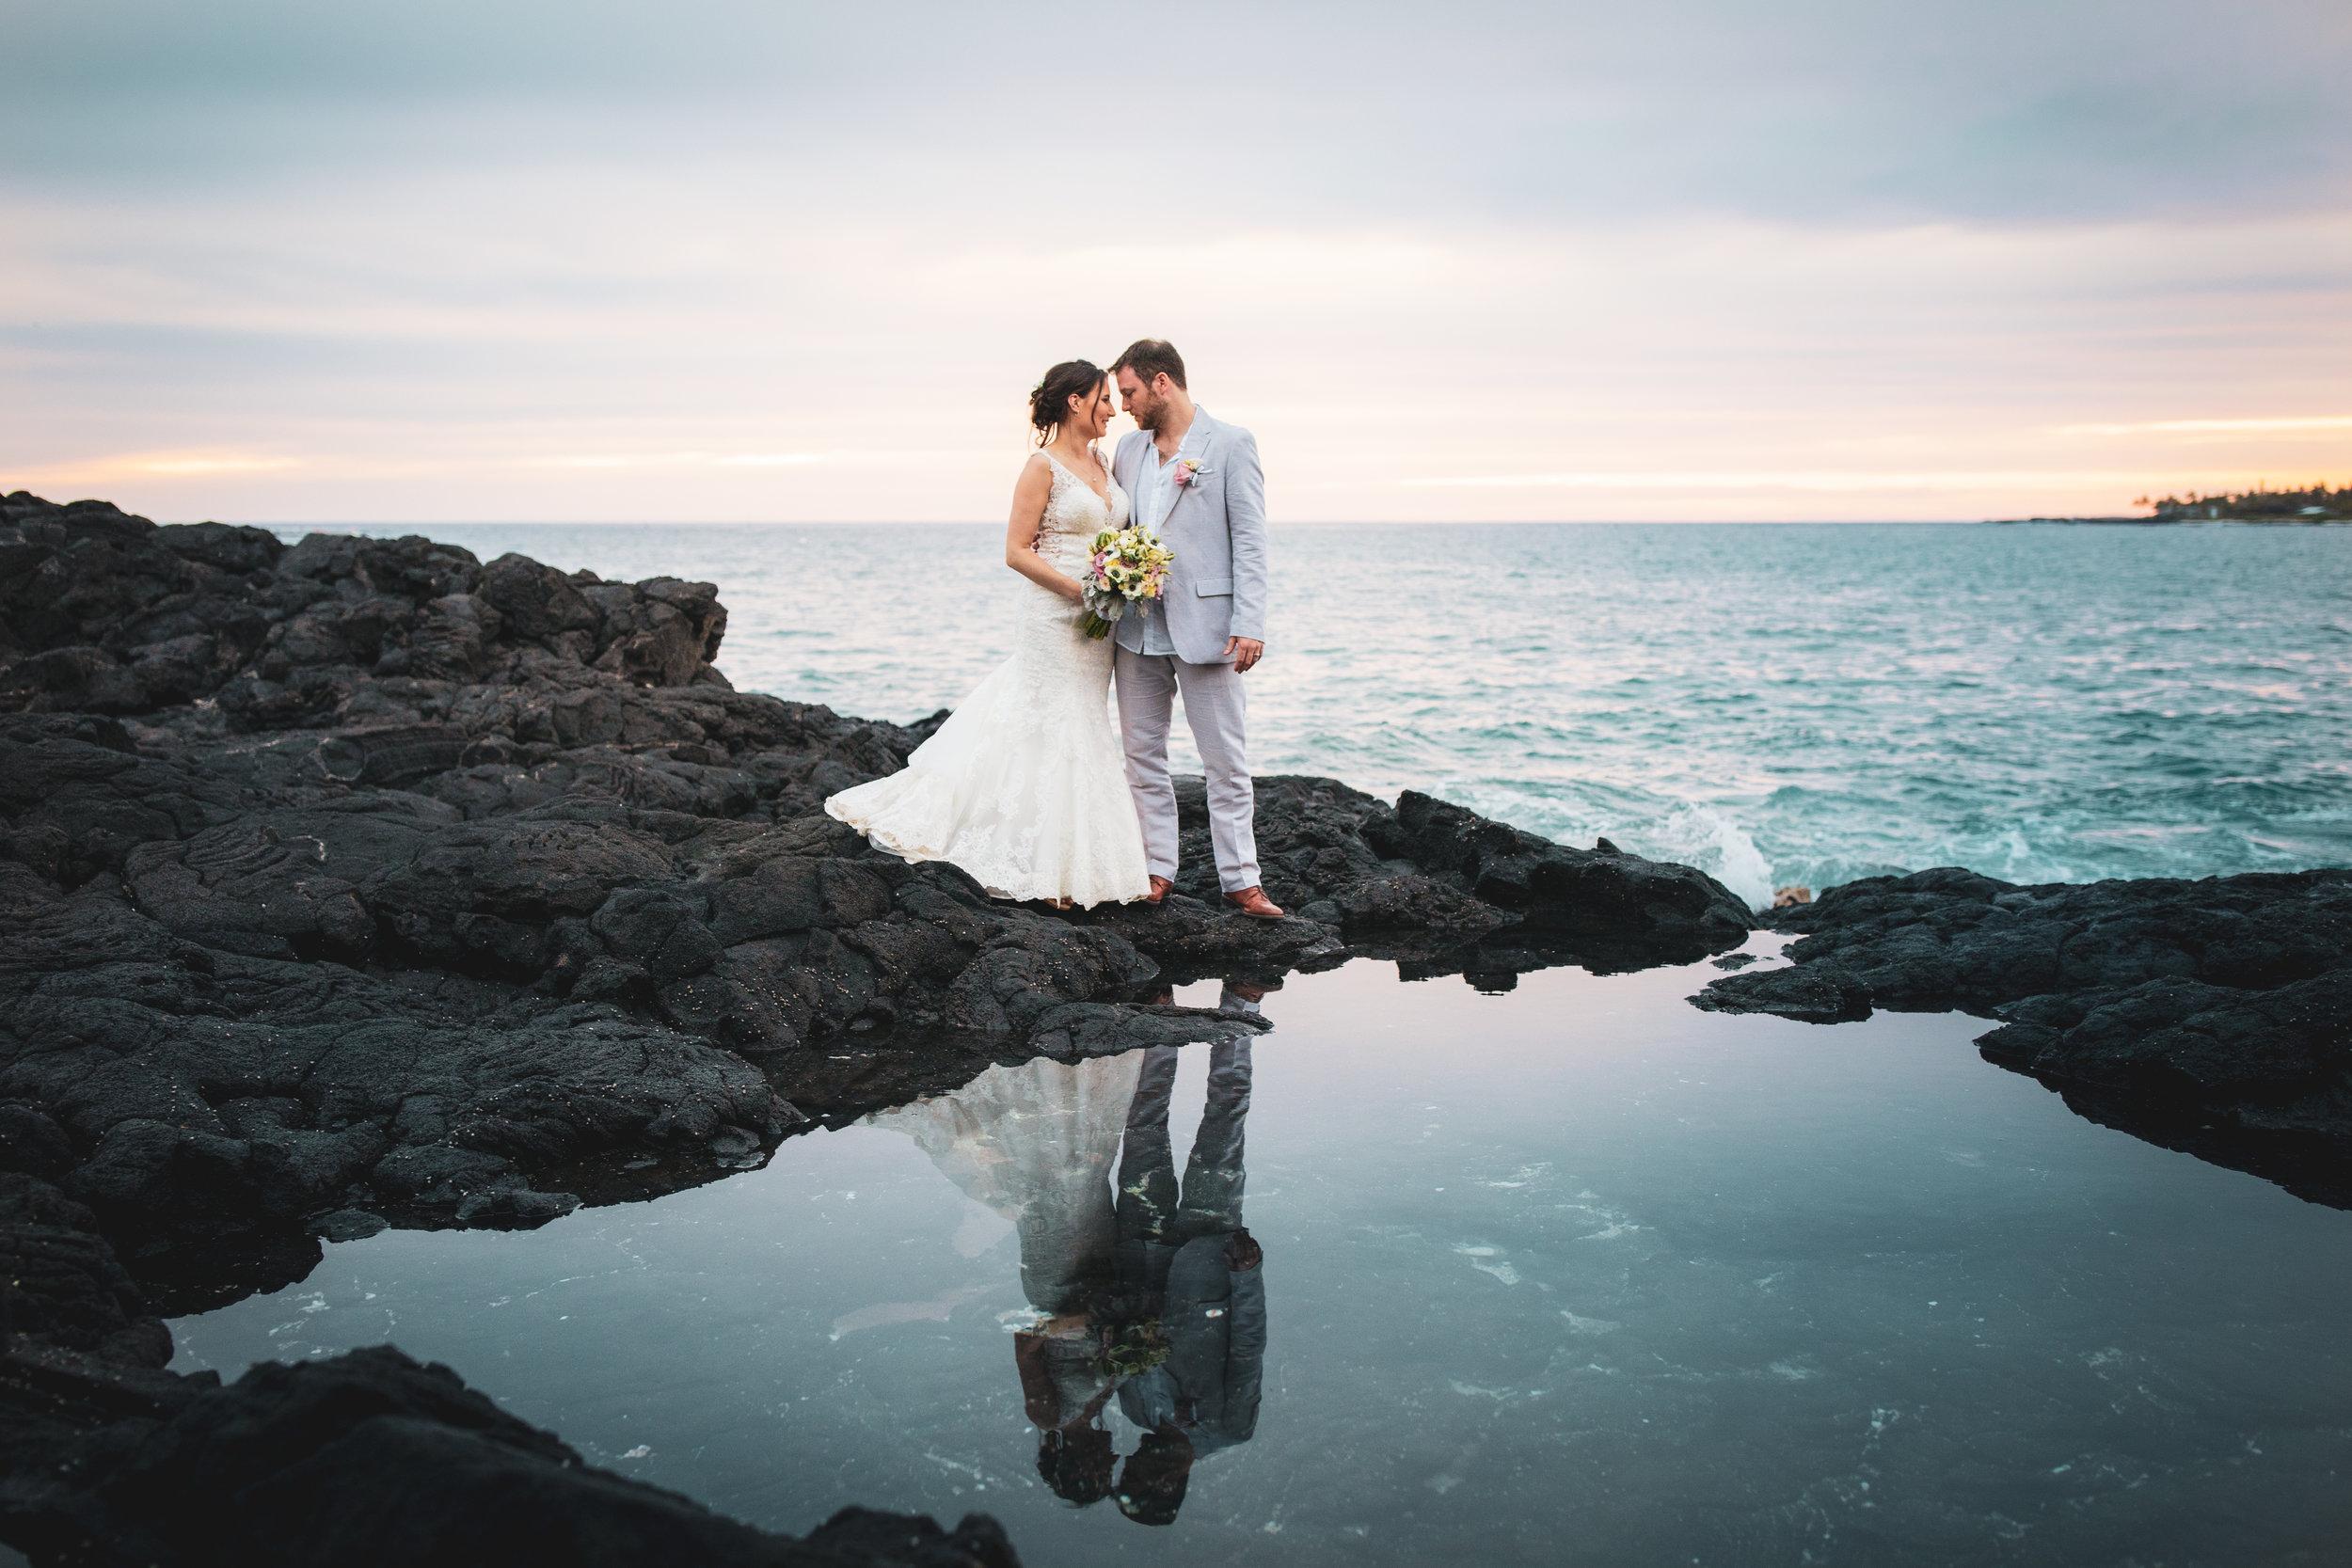 big island hawaii royal kona resort wedding kelilina photography 20190309183116-1.jpg